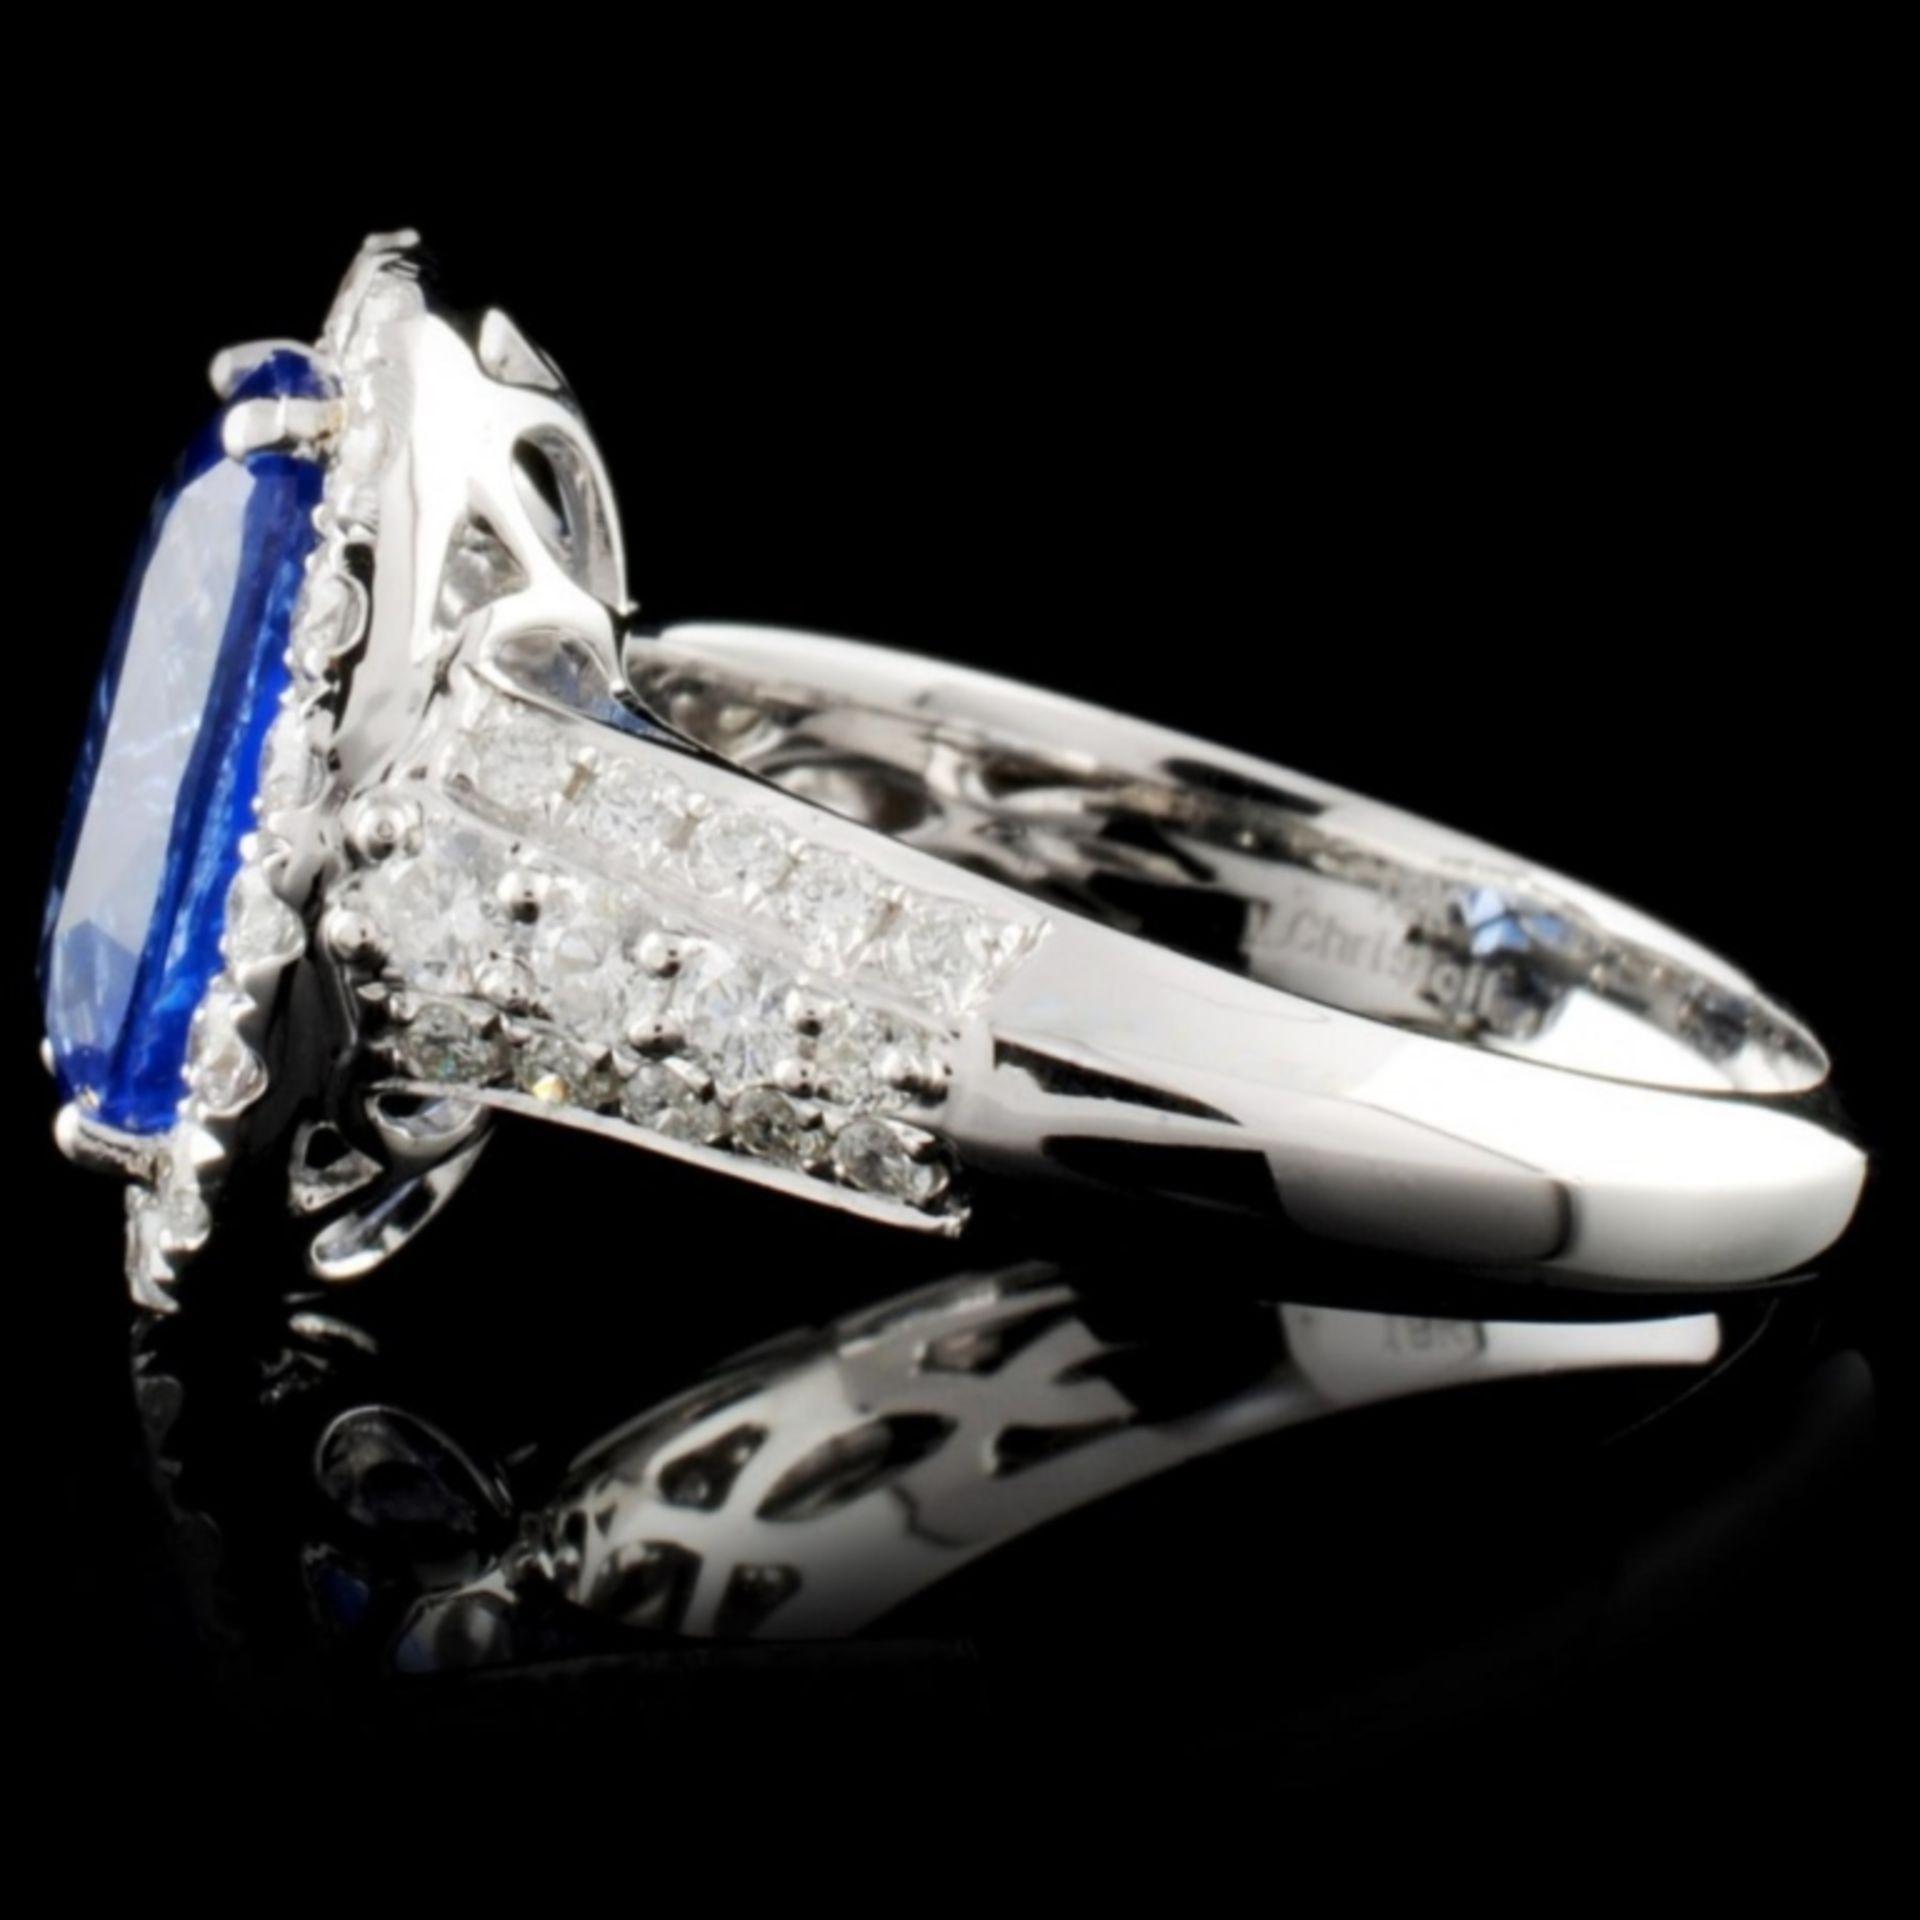 18K White Gold 3.19ct Sapphire & 0.73ct Diamond Ri - Image 3 of 4